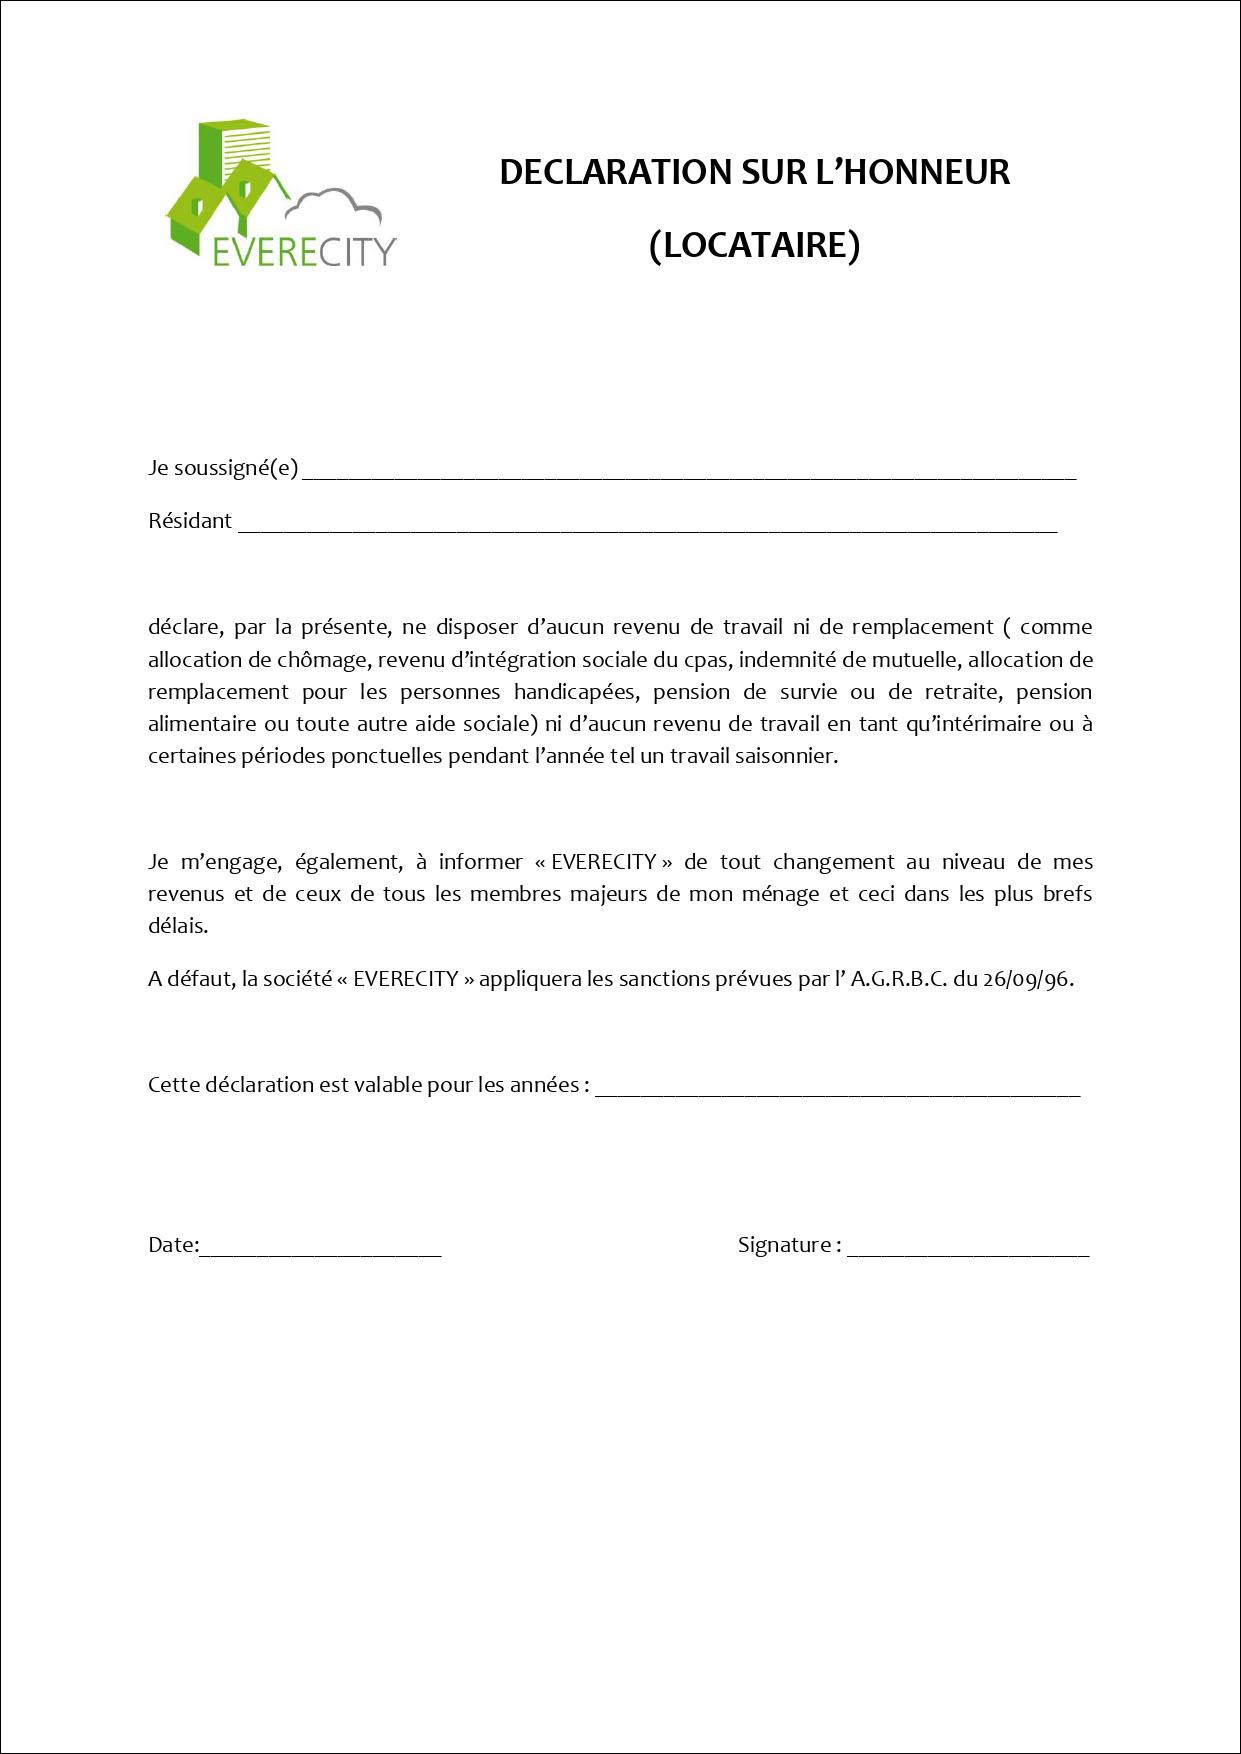 Declaration sur honneur locataire